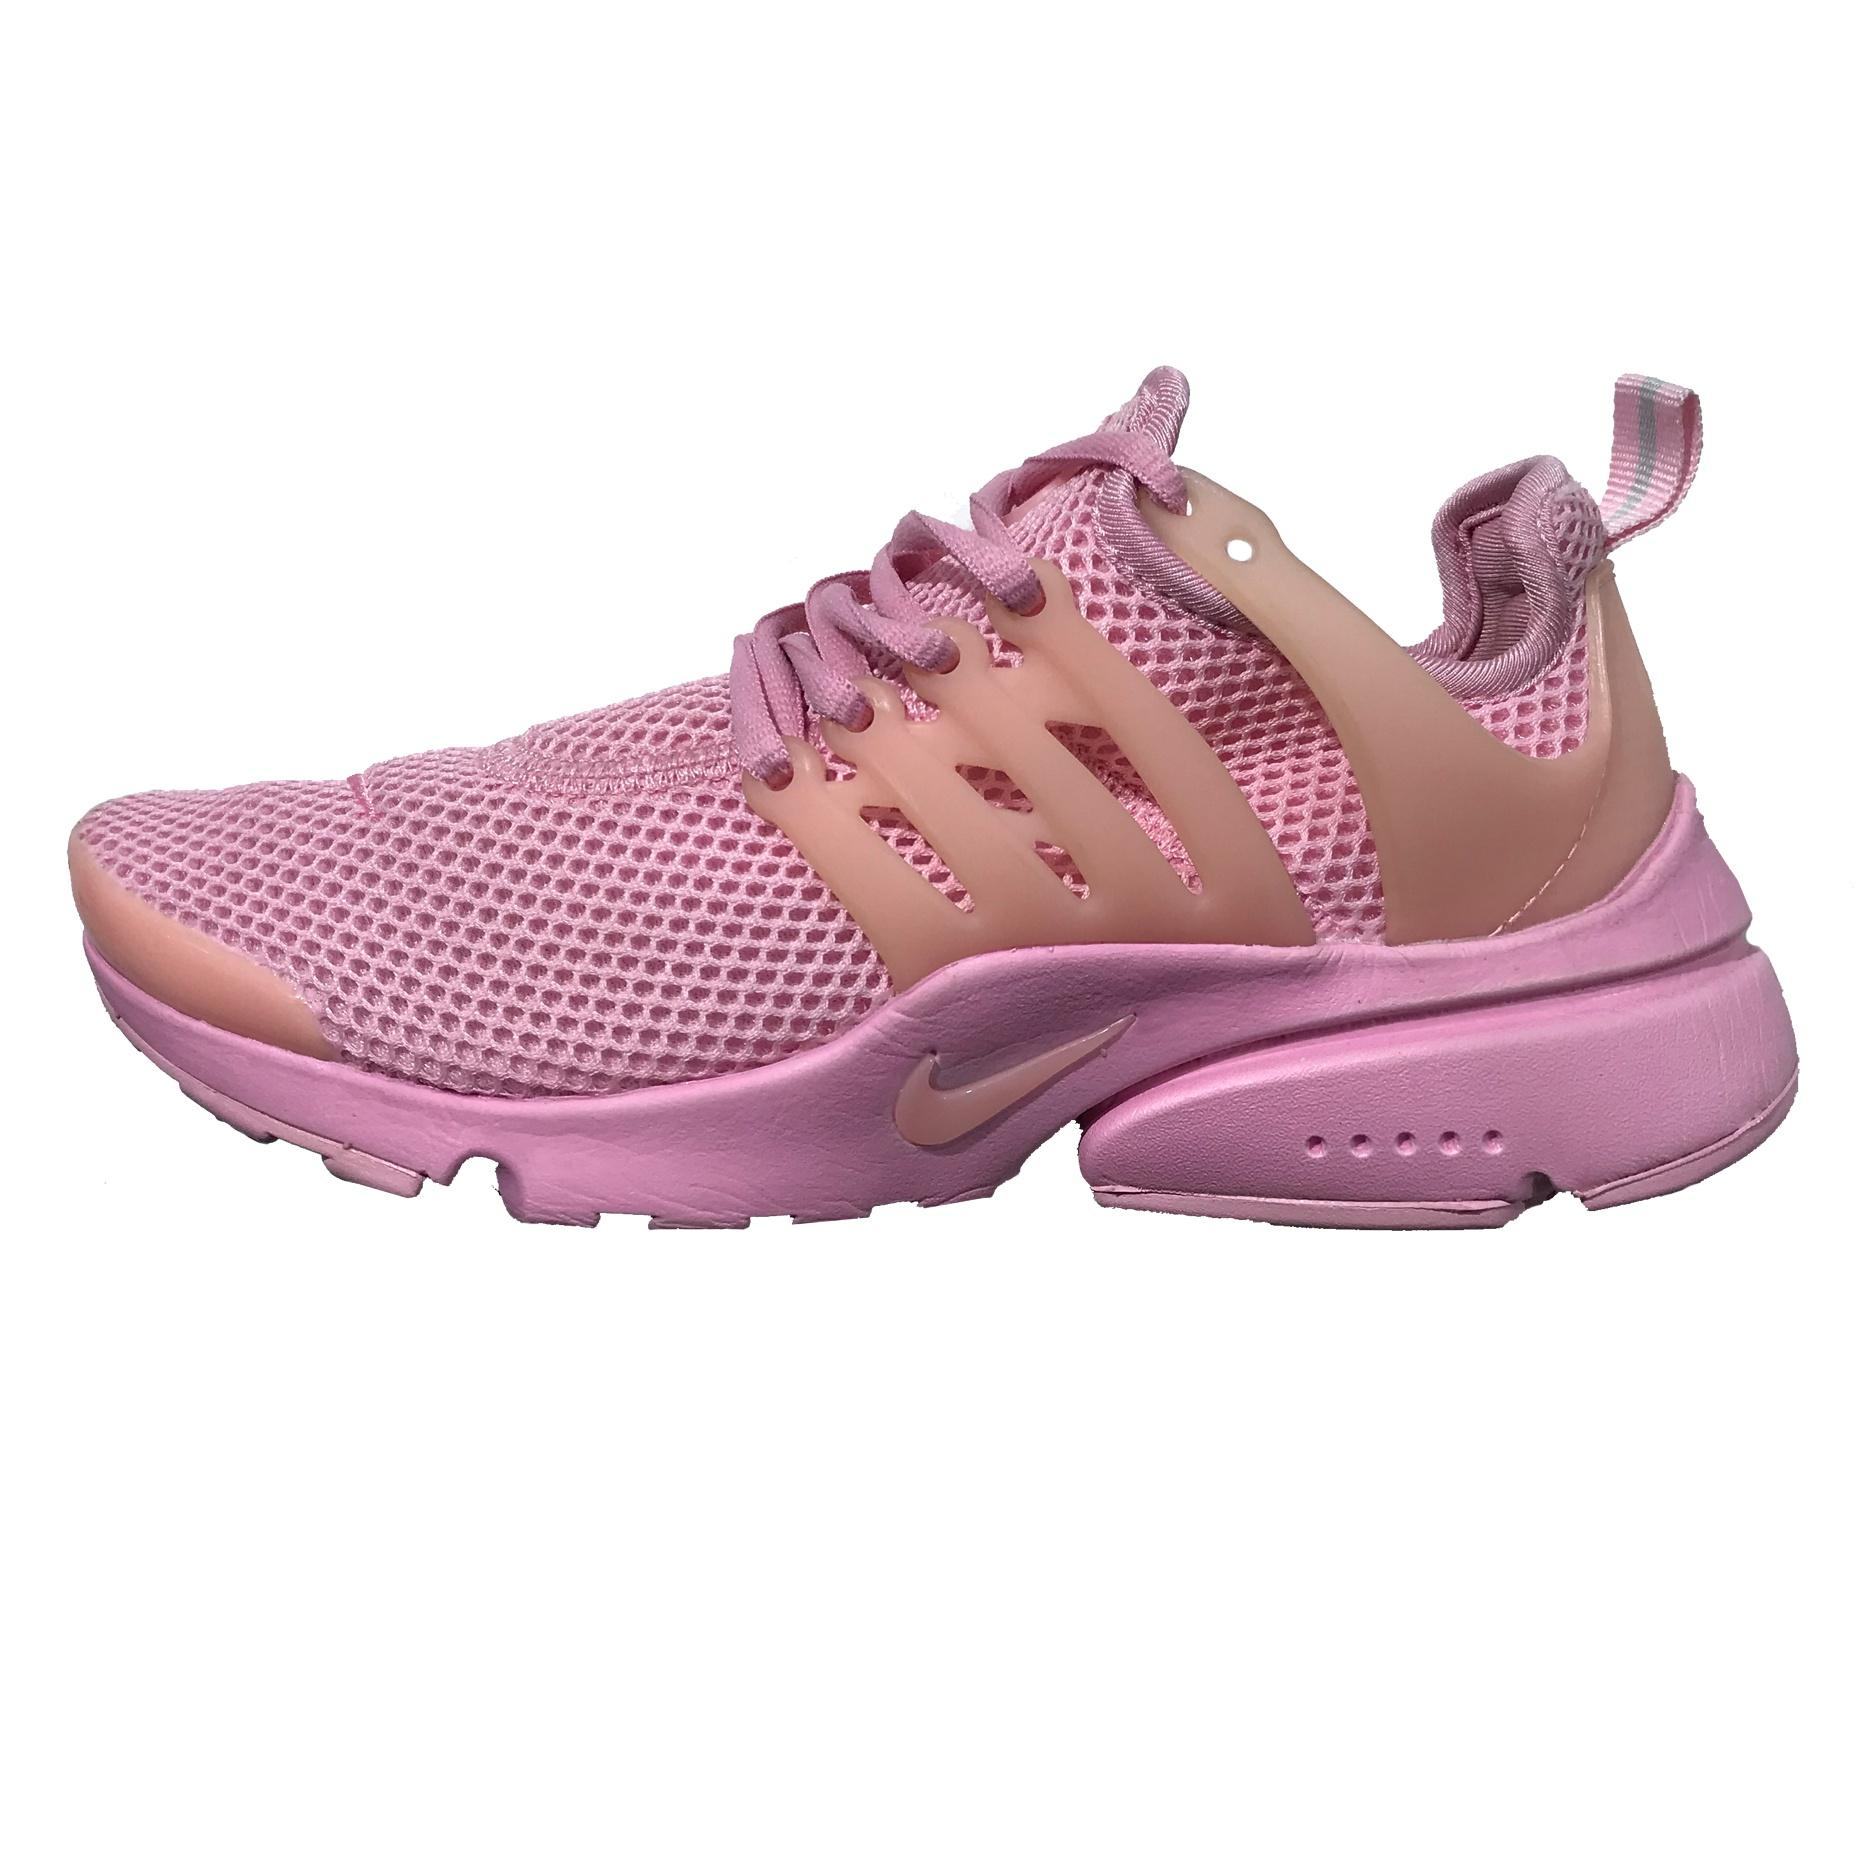 کفش پیاده روی زنانه مدل Presto کد 007